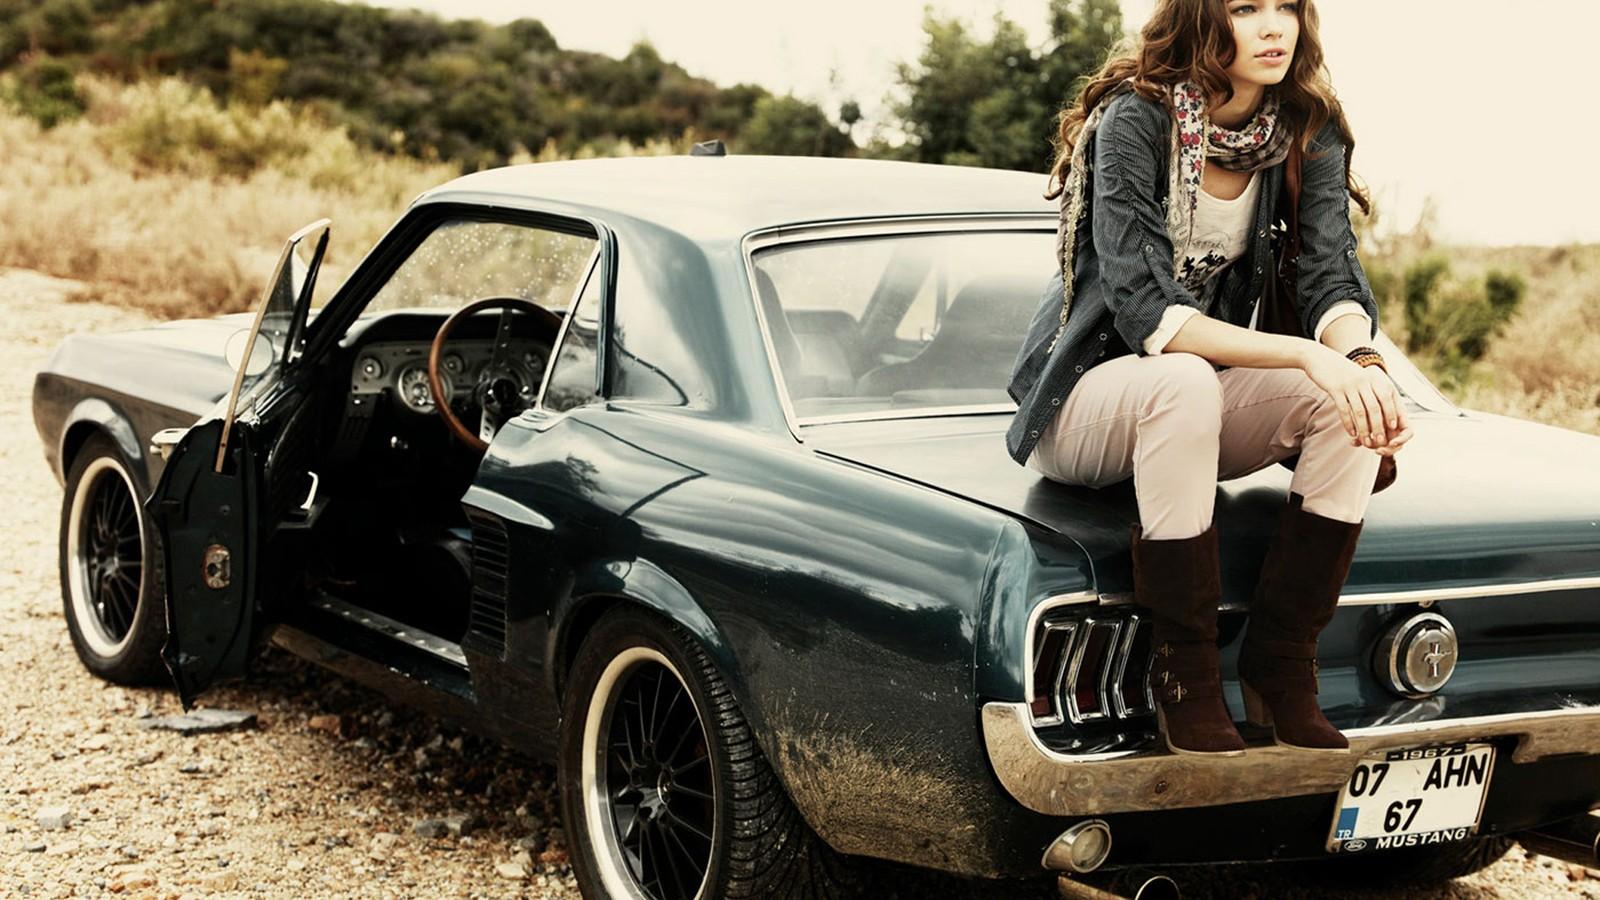 зачем фотографу девушки и автомобили